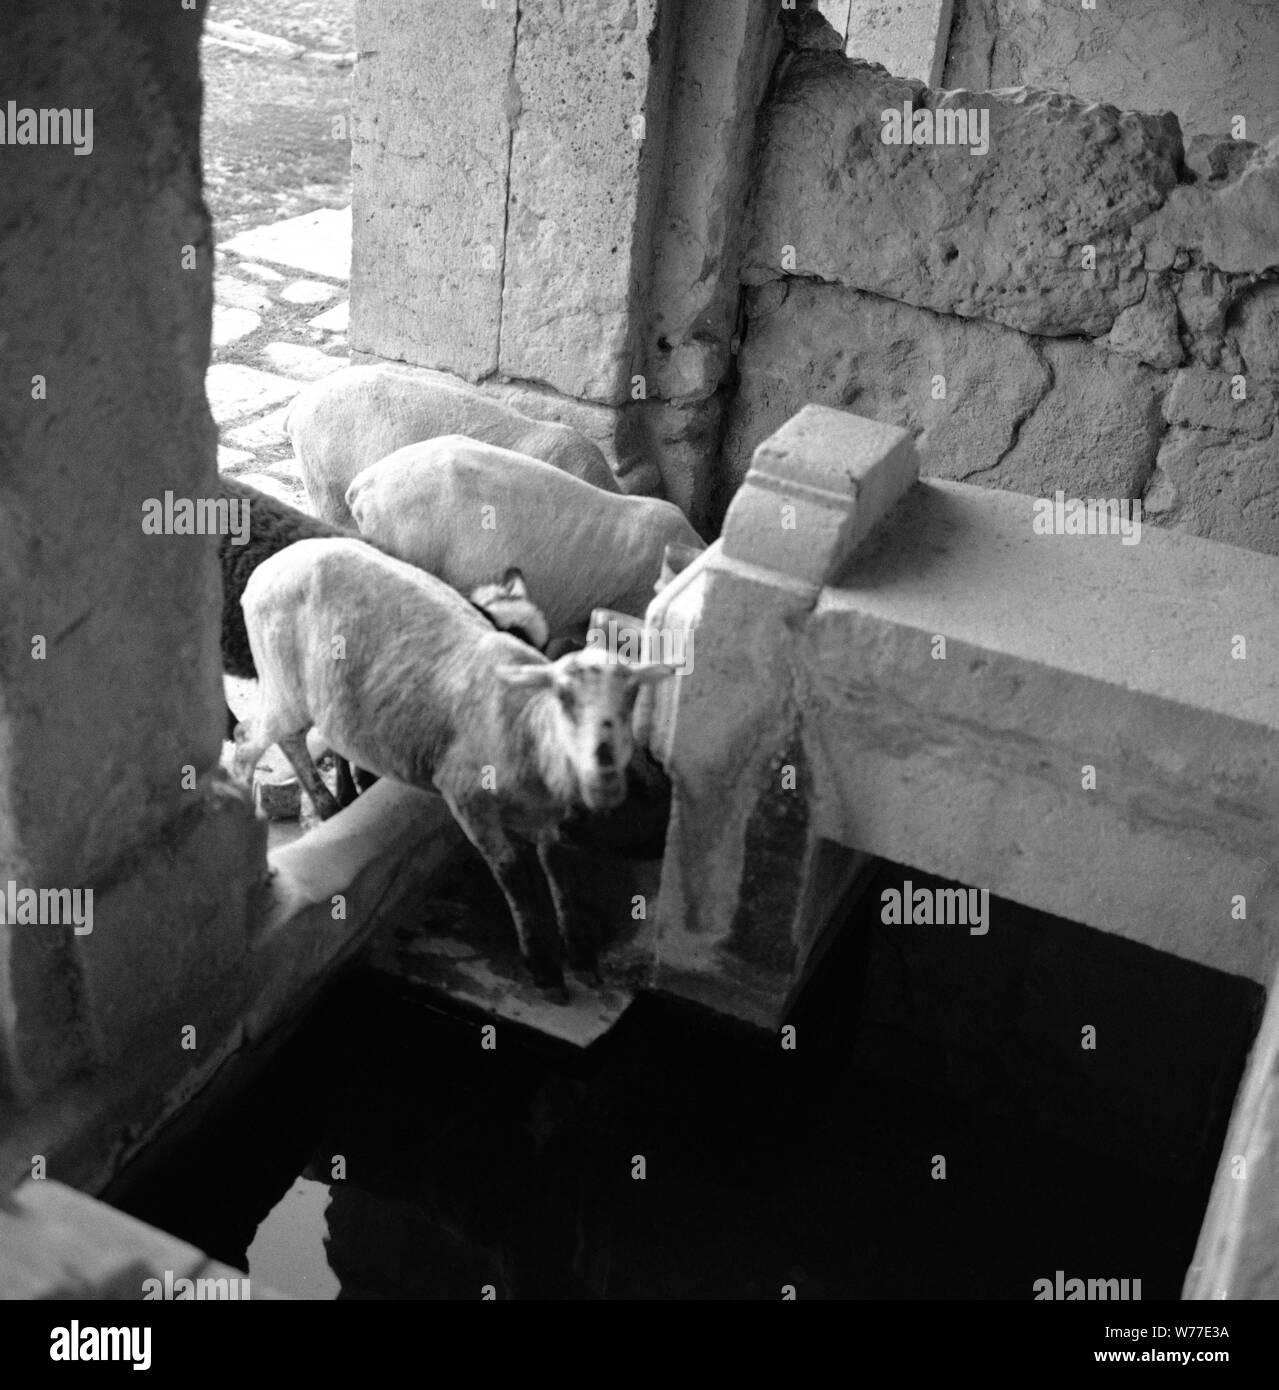 ABREVADERO - FOTOGRAFIA EN BLANCO Y NEGRO - Años 50. Ubicación: exterior. Ocaña. Toledo. España. Foto de stock